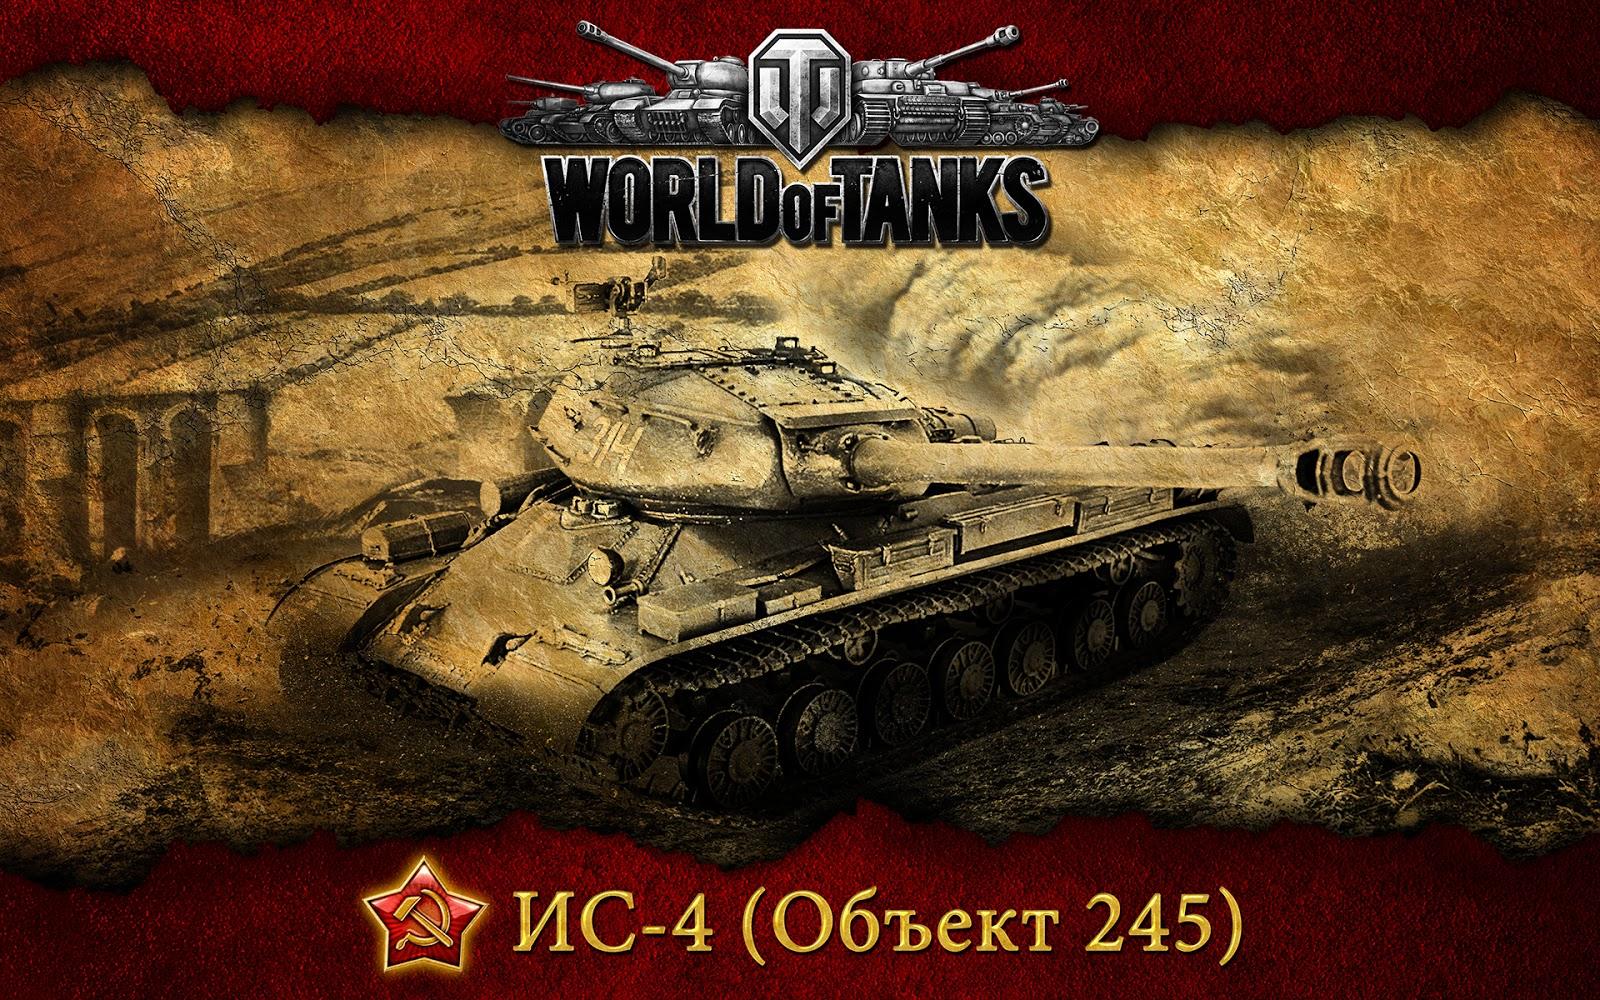 Ворлд оф танкс фото танков - c